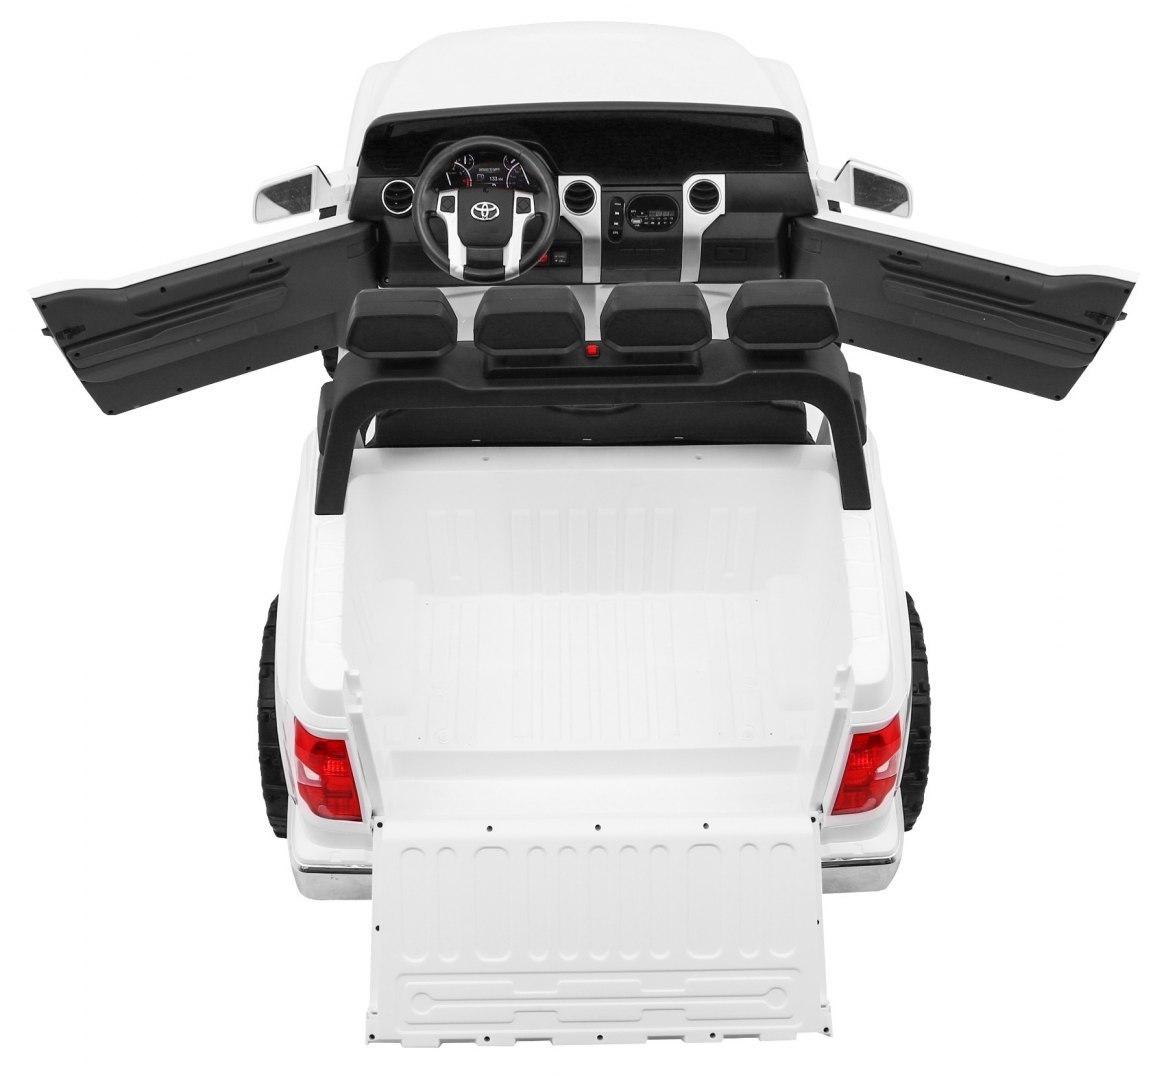 Elektrické autíčko Dvoumístná Toyota Tundra 24V XXL, 2.4GHz, EVA kola